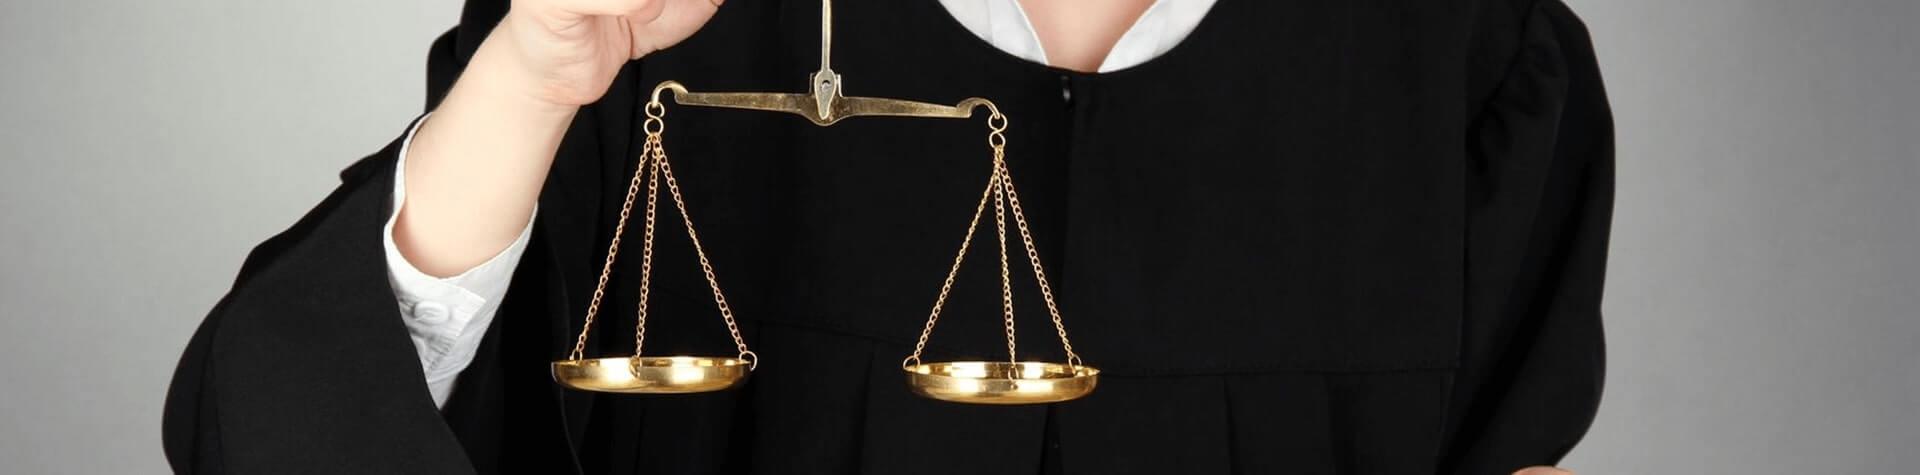 Իրավաբանական պաշտպանություն